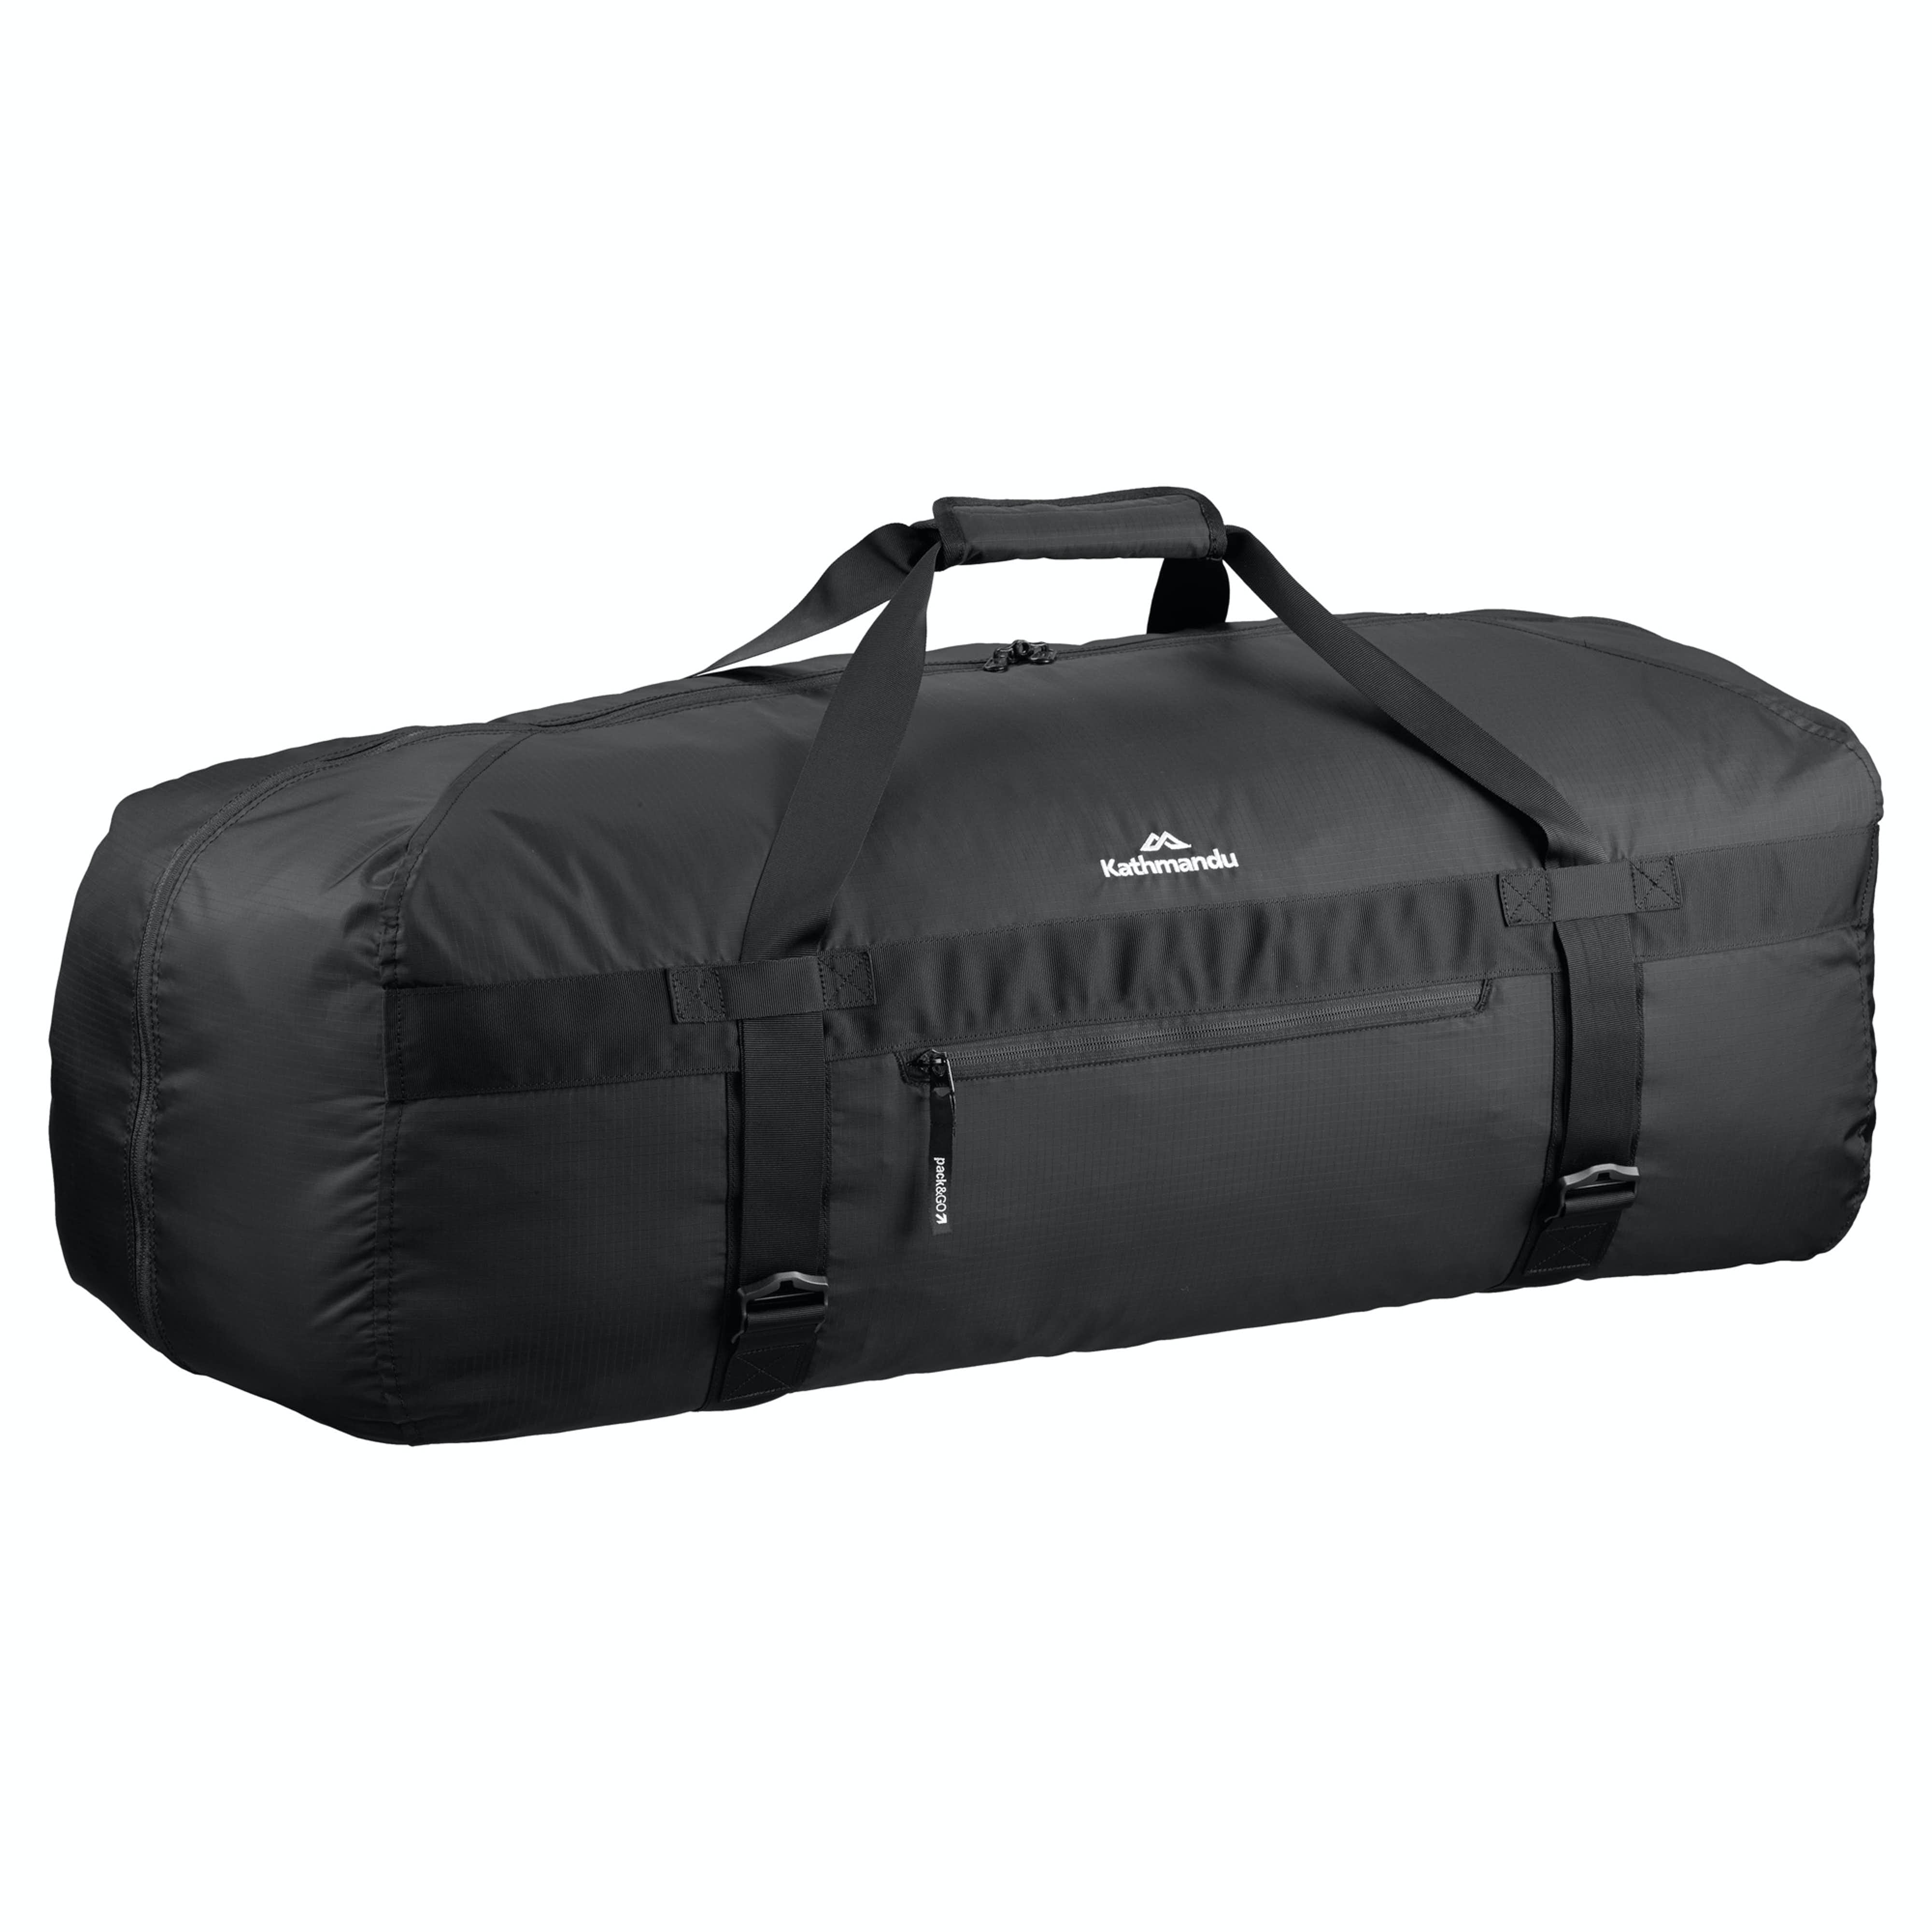 554000051655 pack GO 80L Pocket Transporter